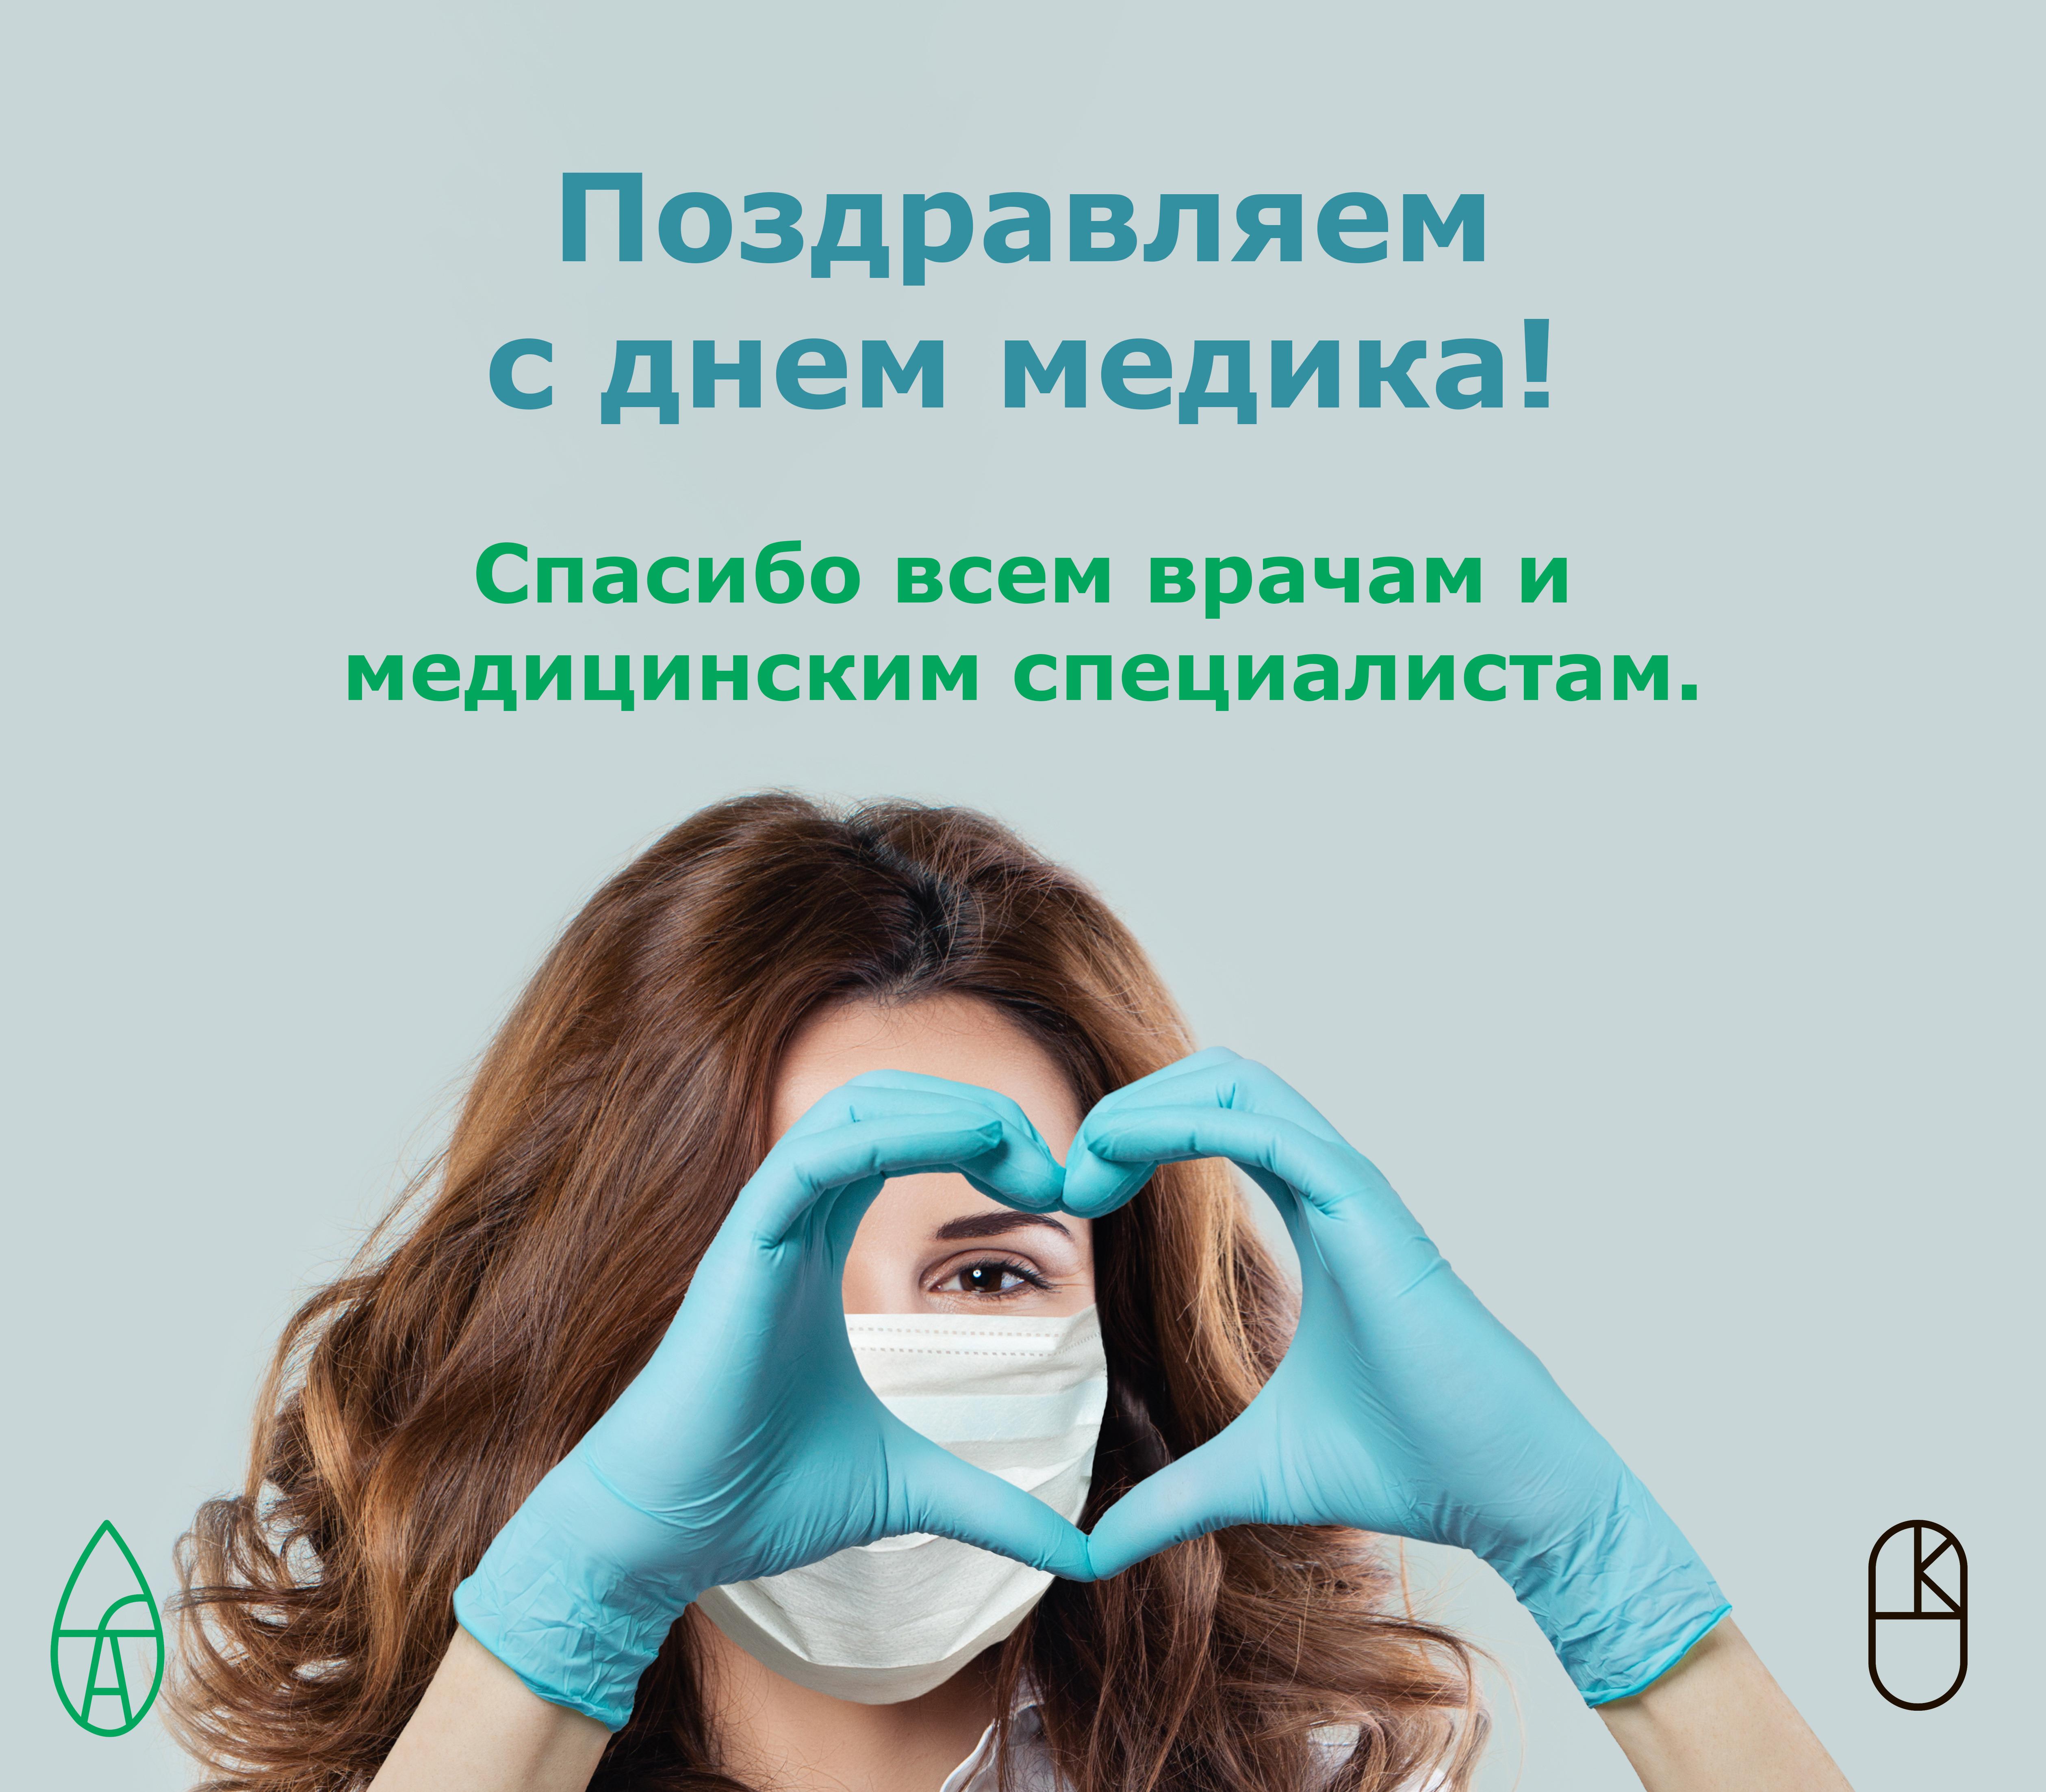 den-medika-2020